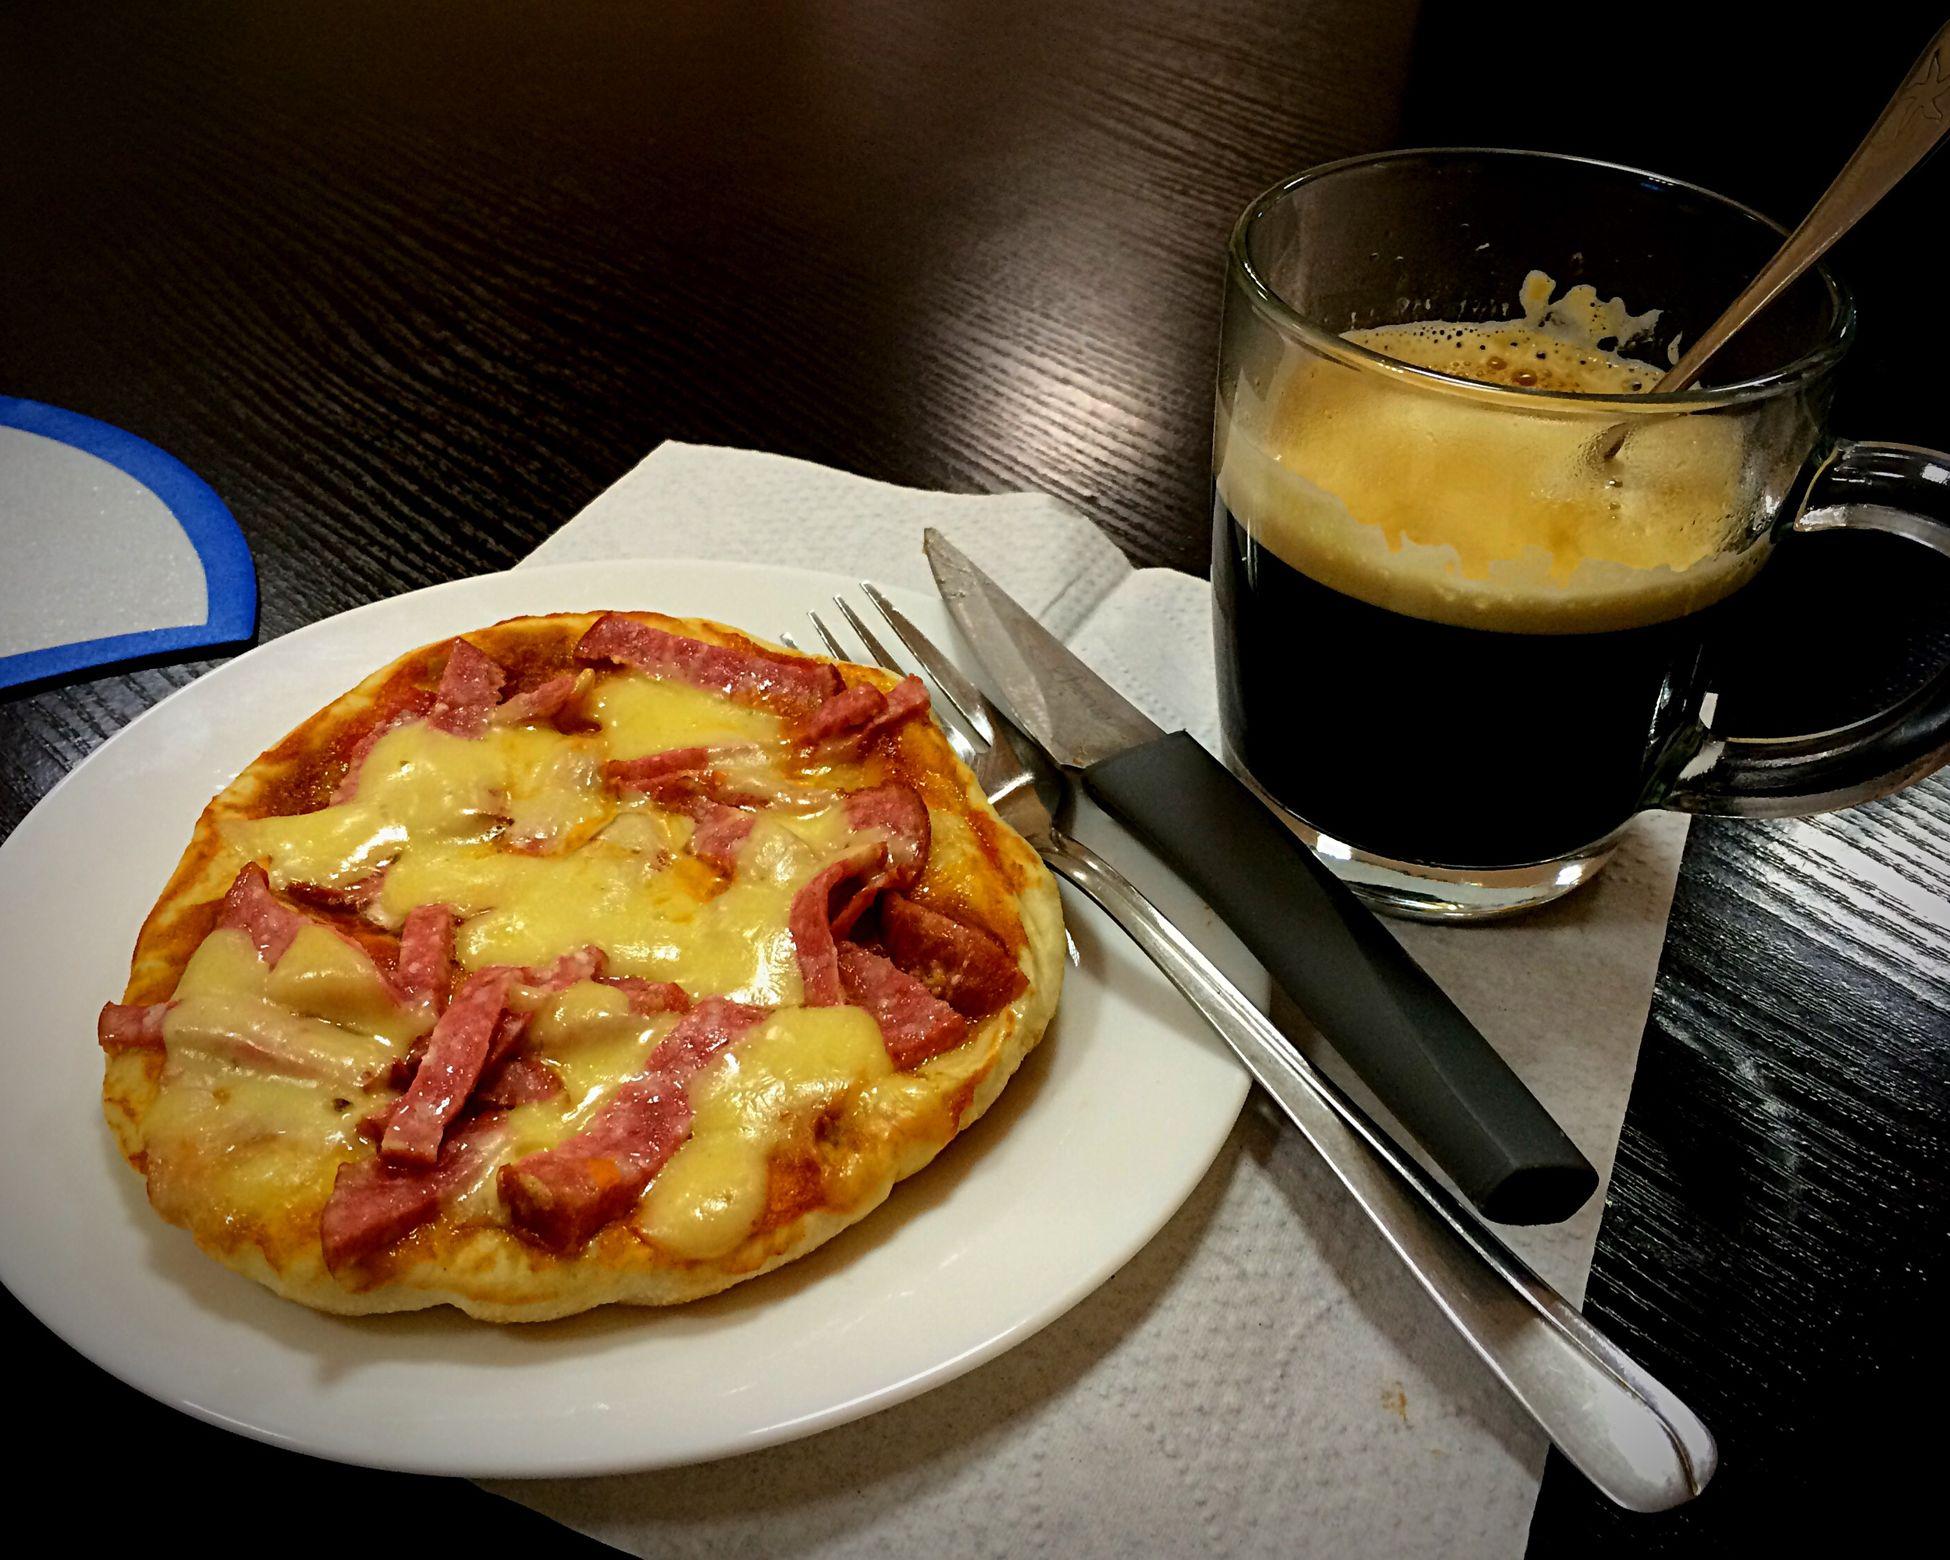 Завтрак Breakfast ♥ приятногоаппетита фотоеды Fotofood кушать наработе трудоВыебудни Coffee Coffe Time